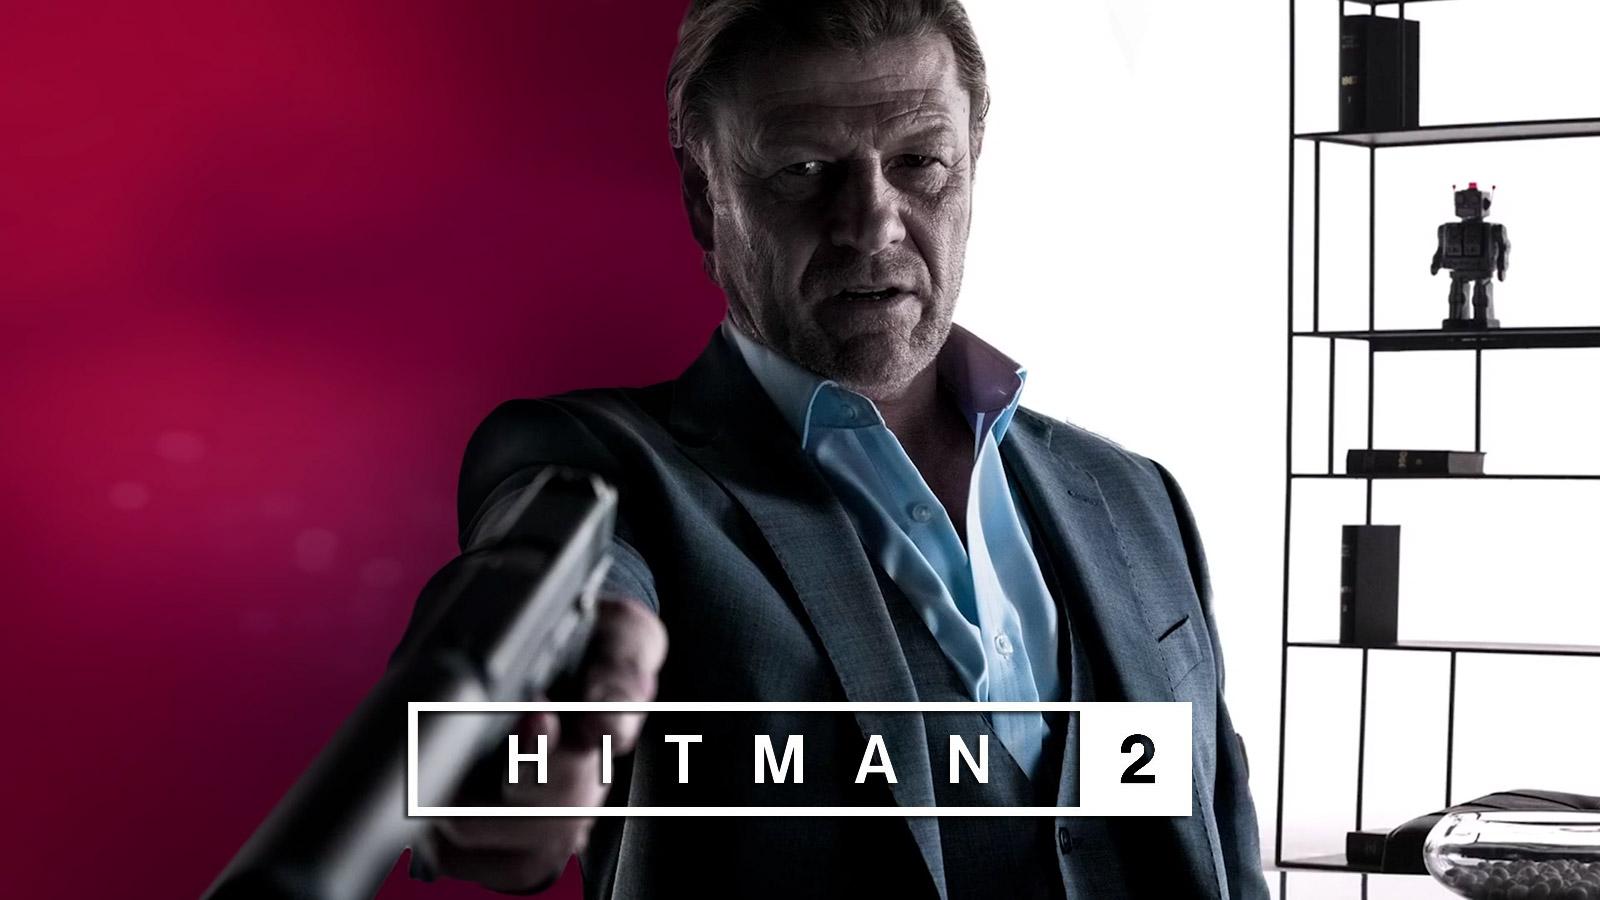 Hitman: Absolution - GameSpot